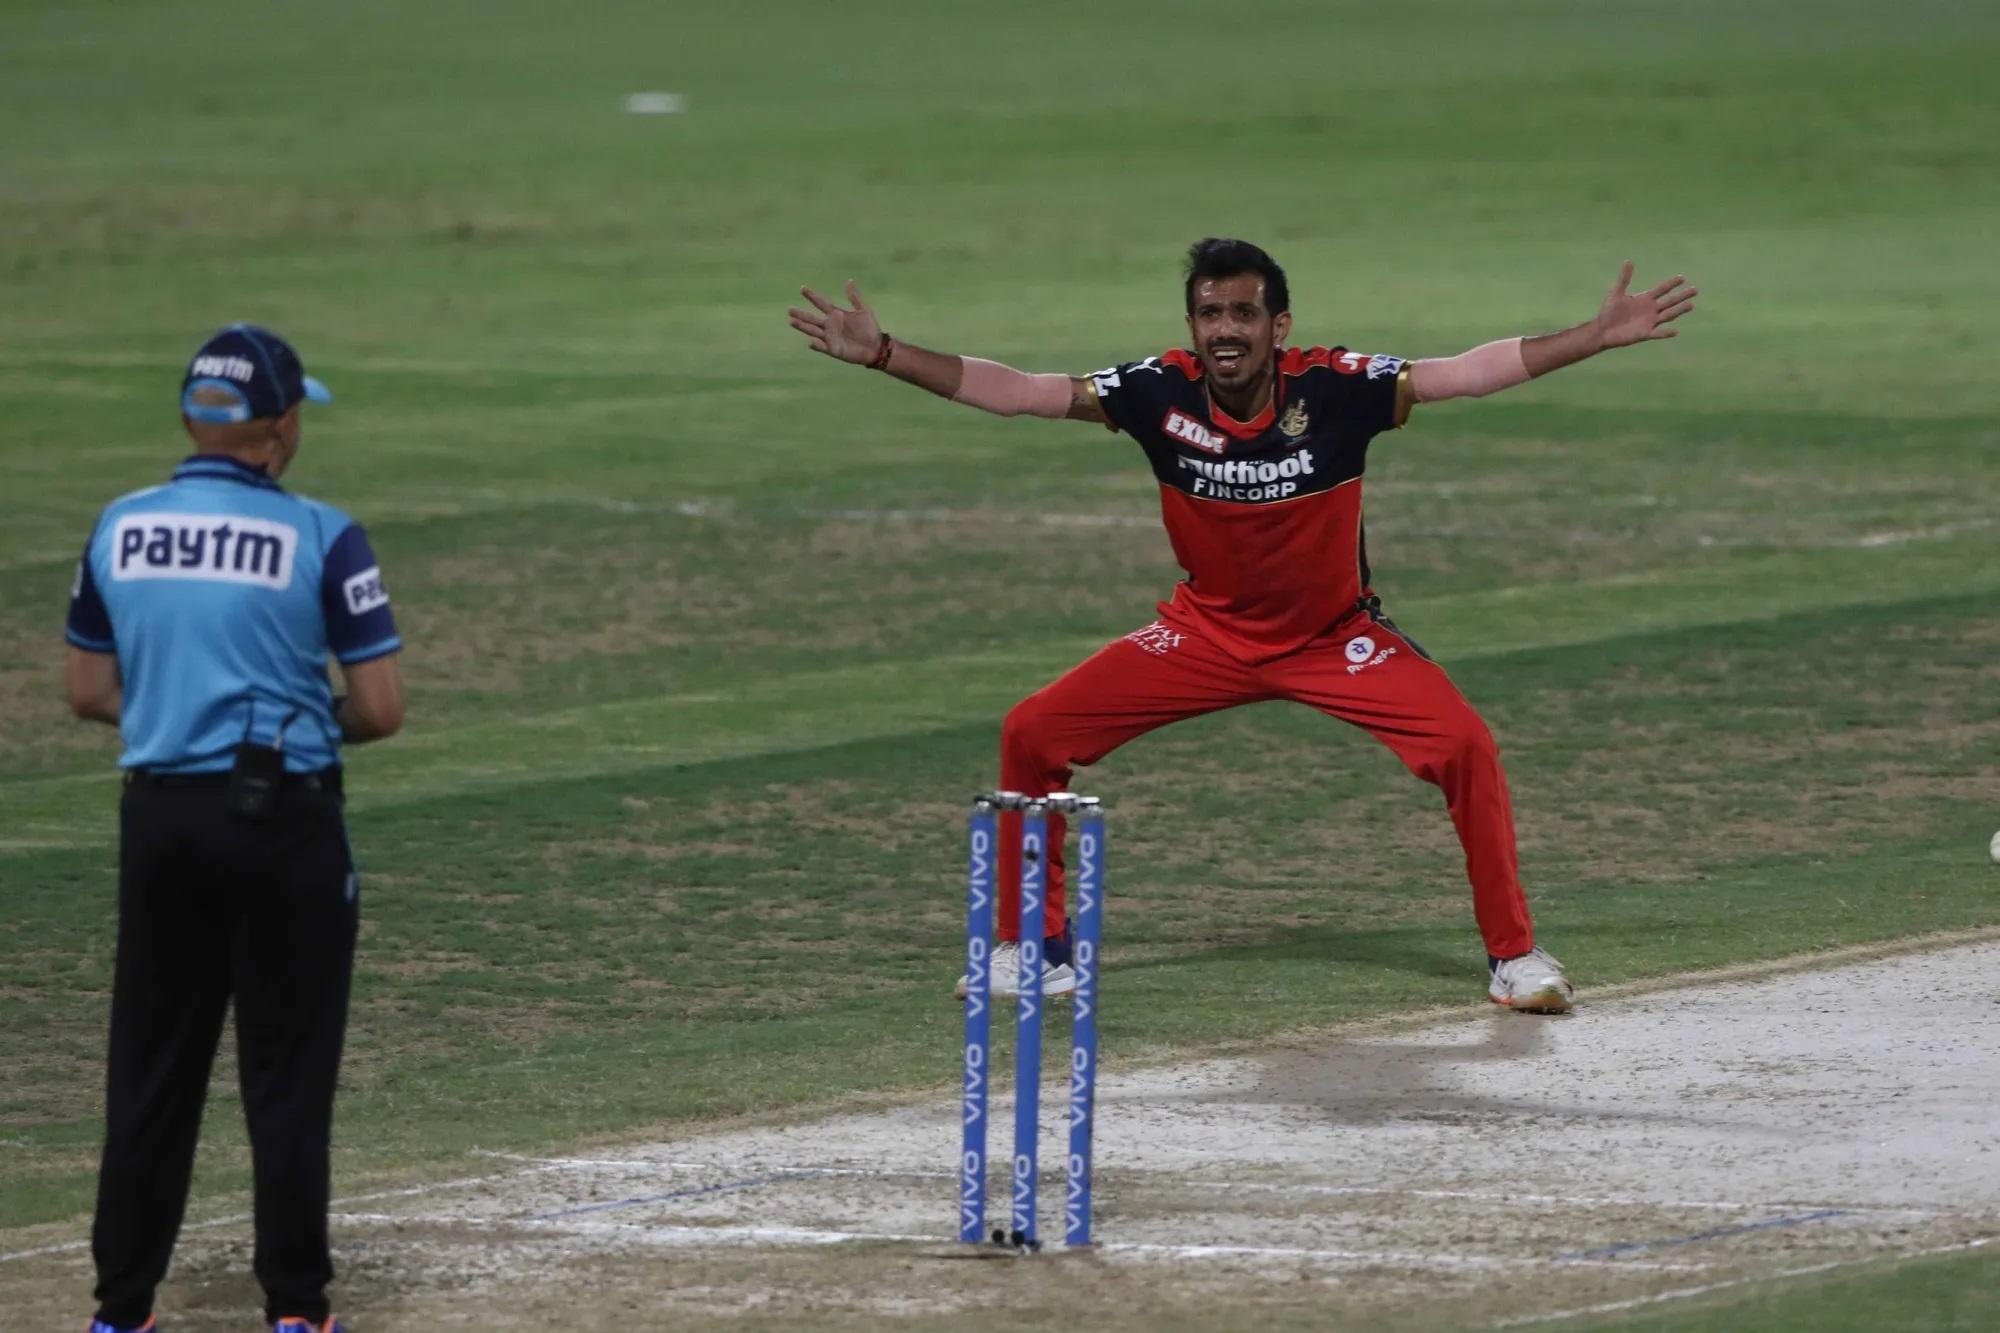 इसके अलावा अपने कप्तान को IPL से खाली हाथ जाने से बचाने के लिए RCB के लेग स्पिनर युजवेंद्र चहल ने अपनी पूरी ताकत लगा दी। उन्होंने 4 ओवर में 16 रन देकर 2 विकेट भी चटकाए।